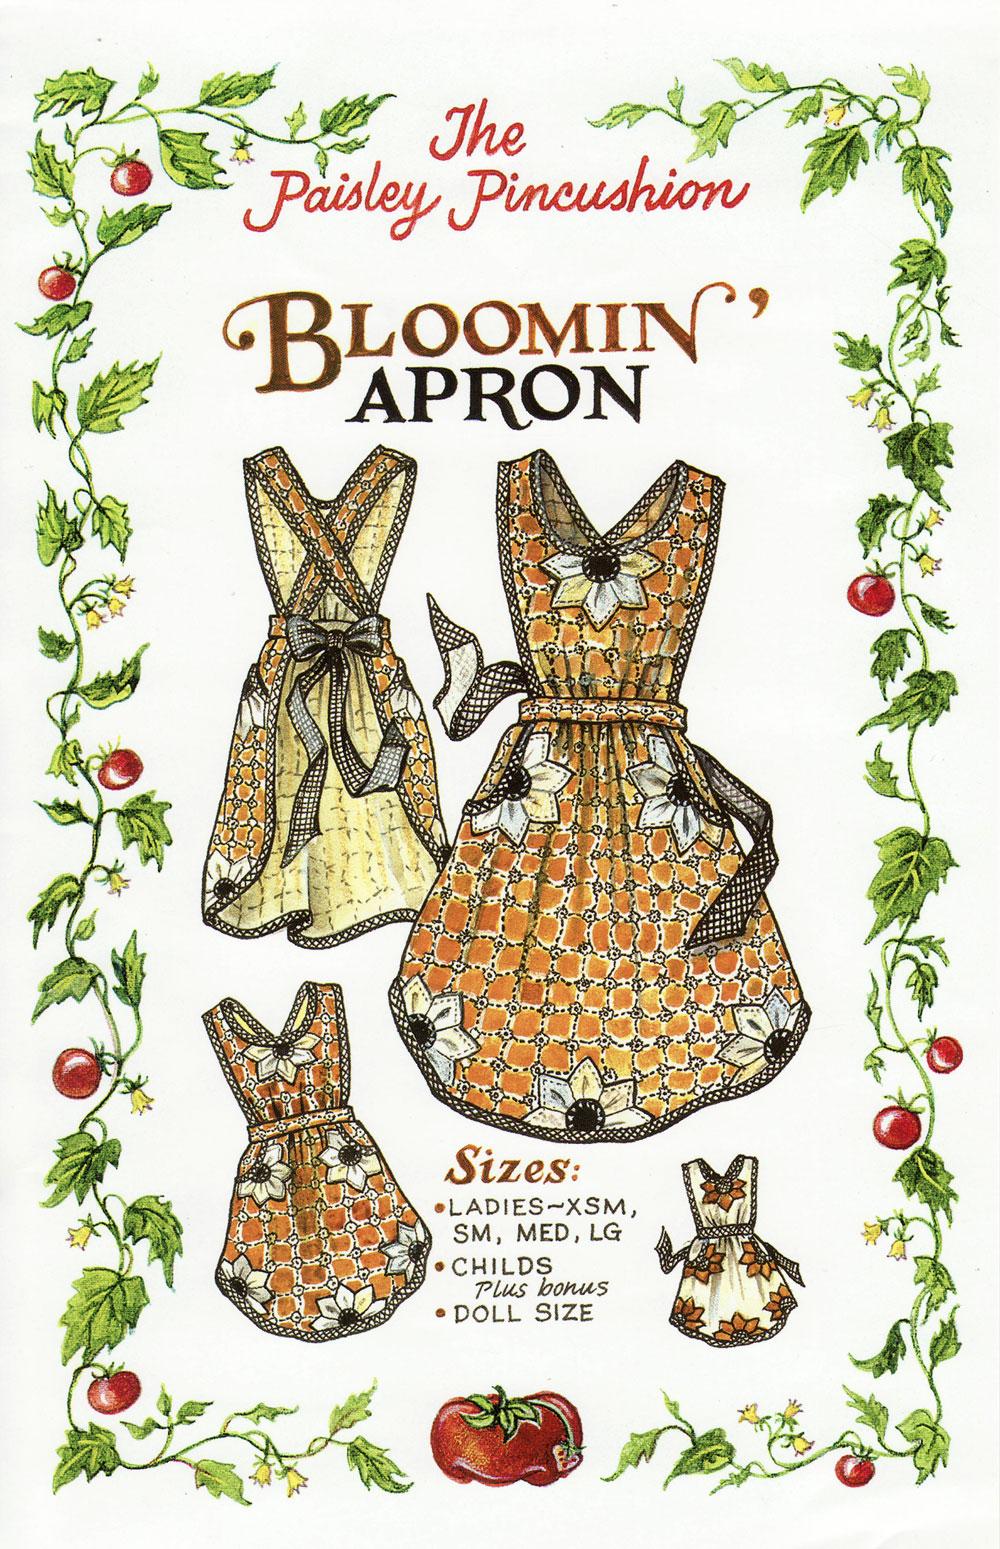 BloominApron.jpg